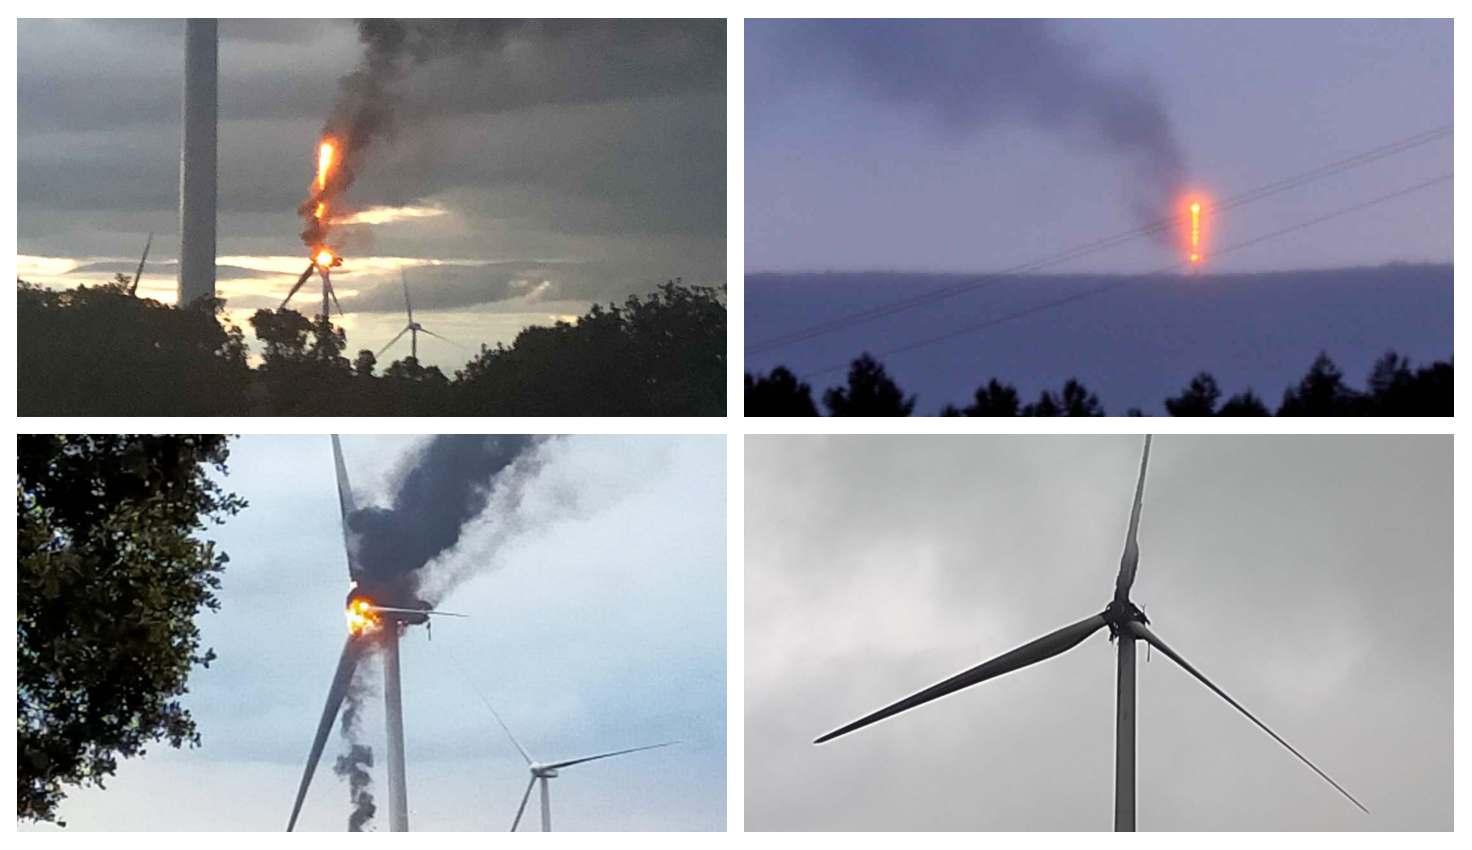 El incendio del molino eólico en Villalba del Rey (Cuenca), en distintas fases. Abajo a la derecha, el estado que presentaba esta mañana.